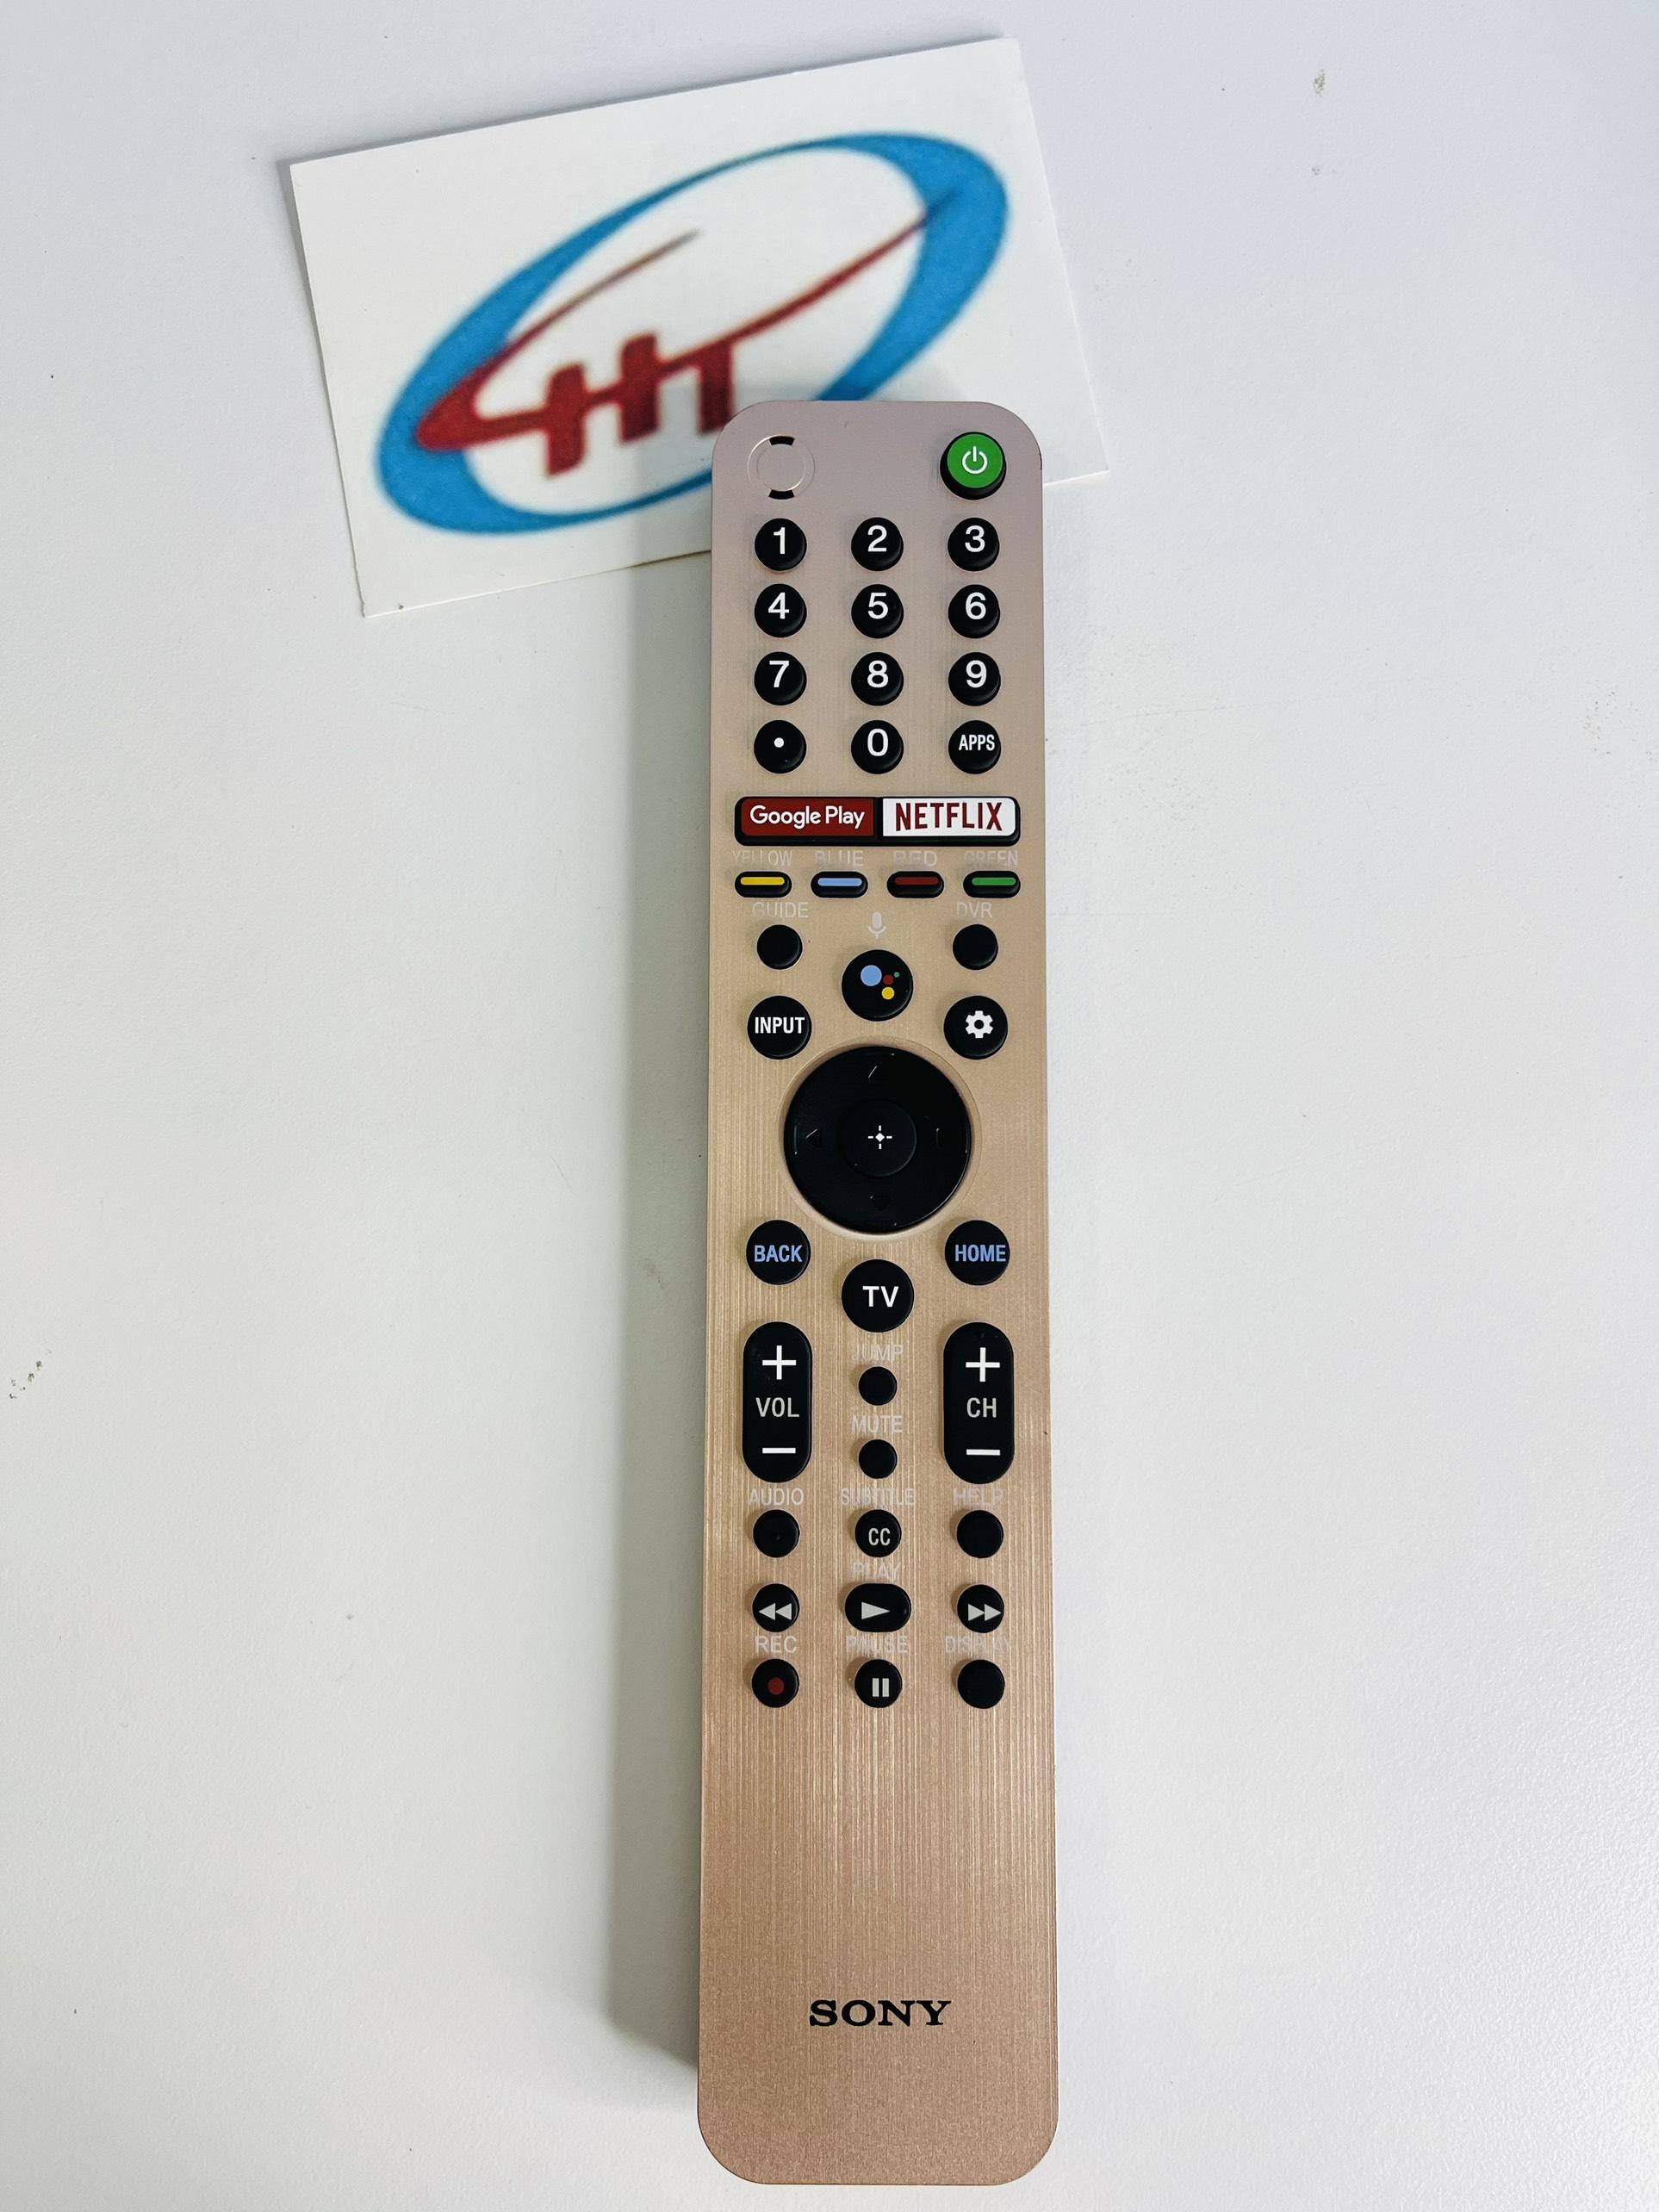 điều khiển tivi sony giọng nói TX 600U voice (SP 1830)